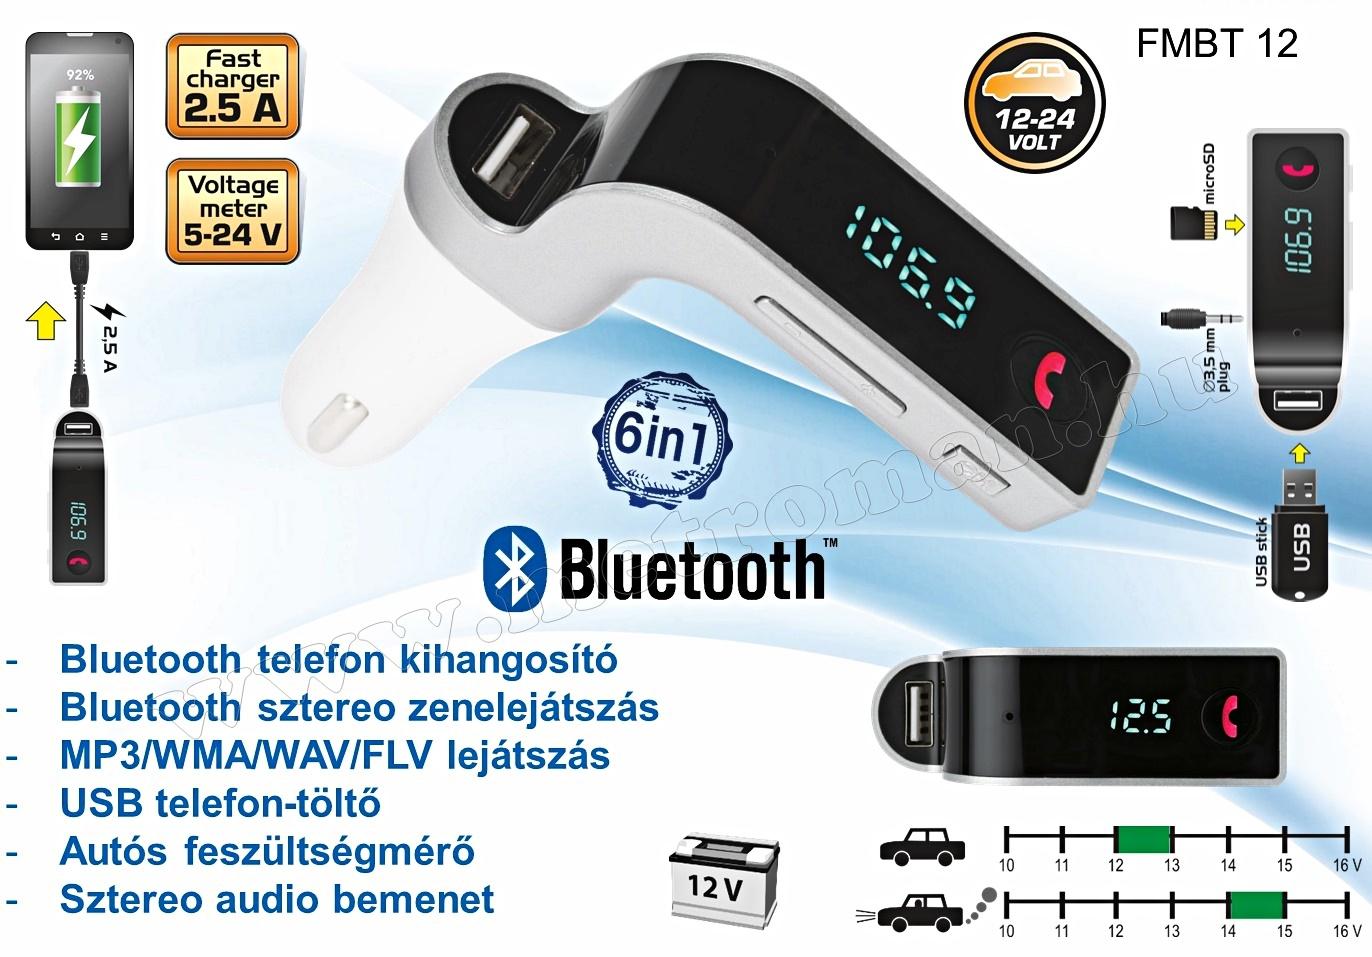 MP3 FM transzmitter és Bluetooth kihangosító FMBT 12